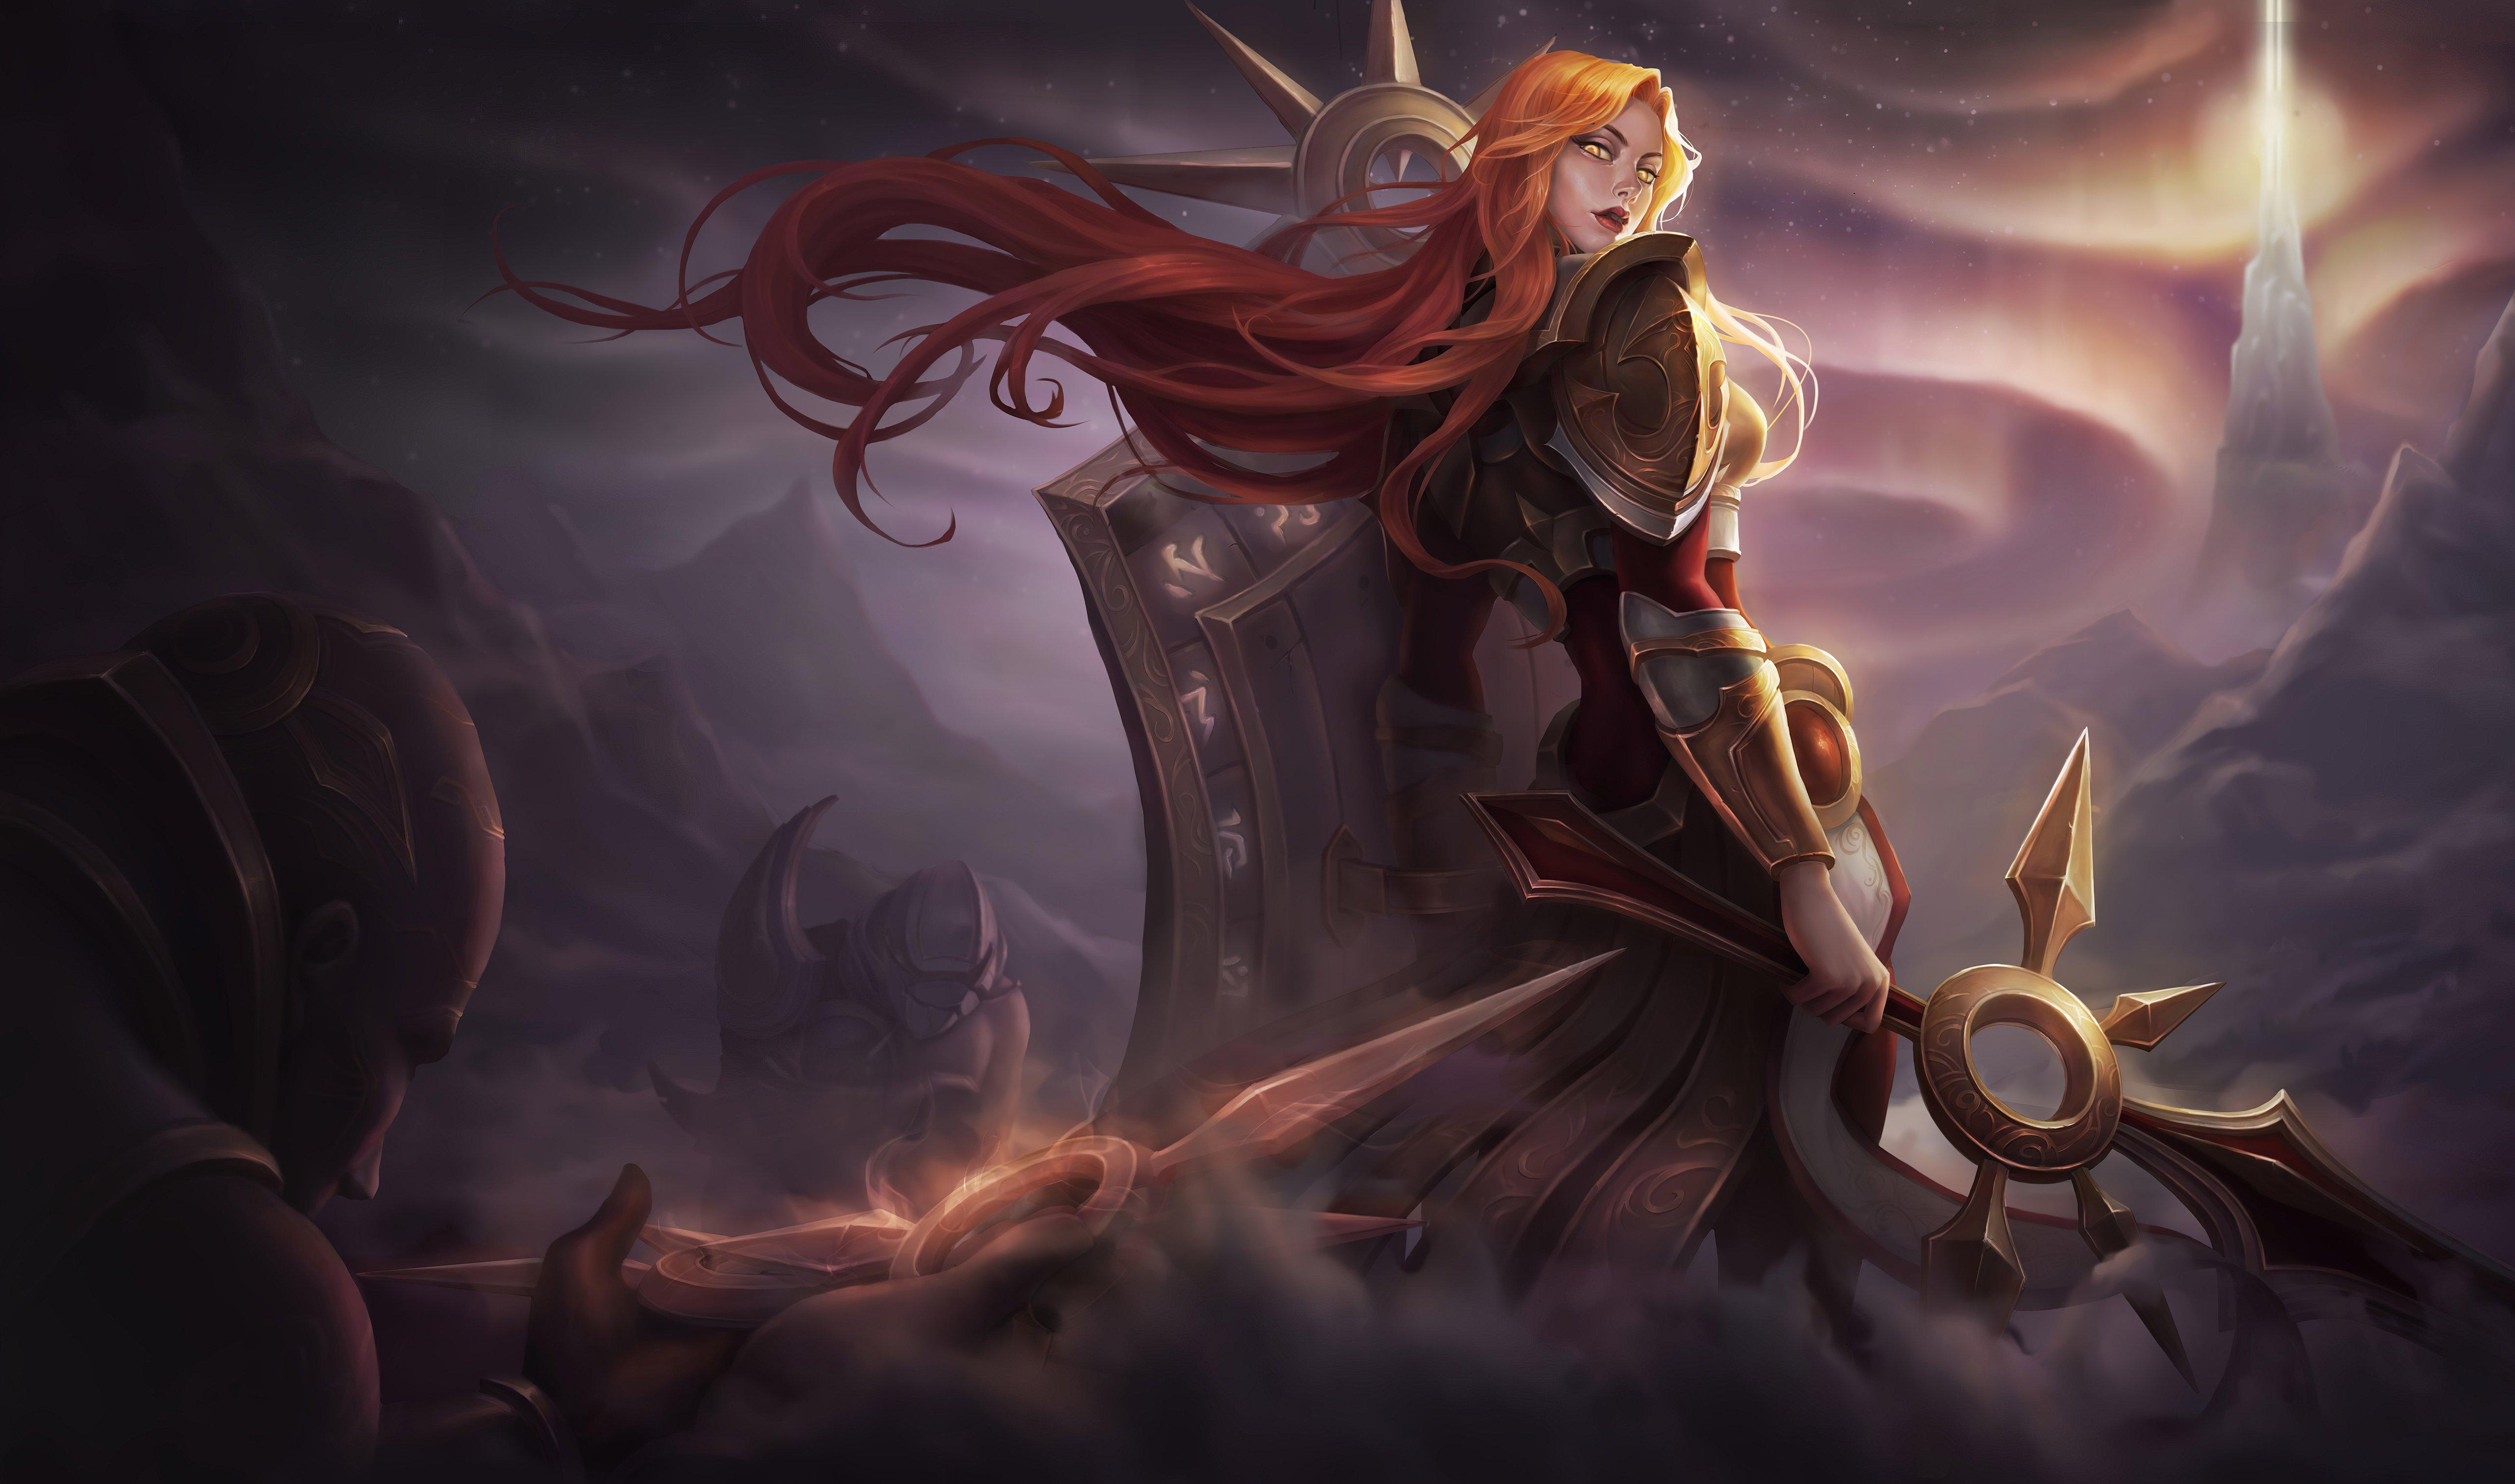 Fondos de pantalla Leona de League of Legends